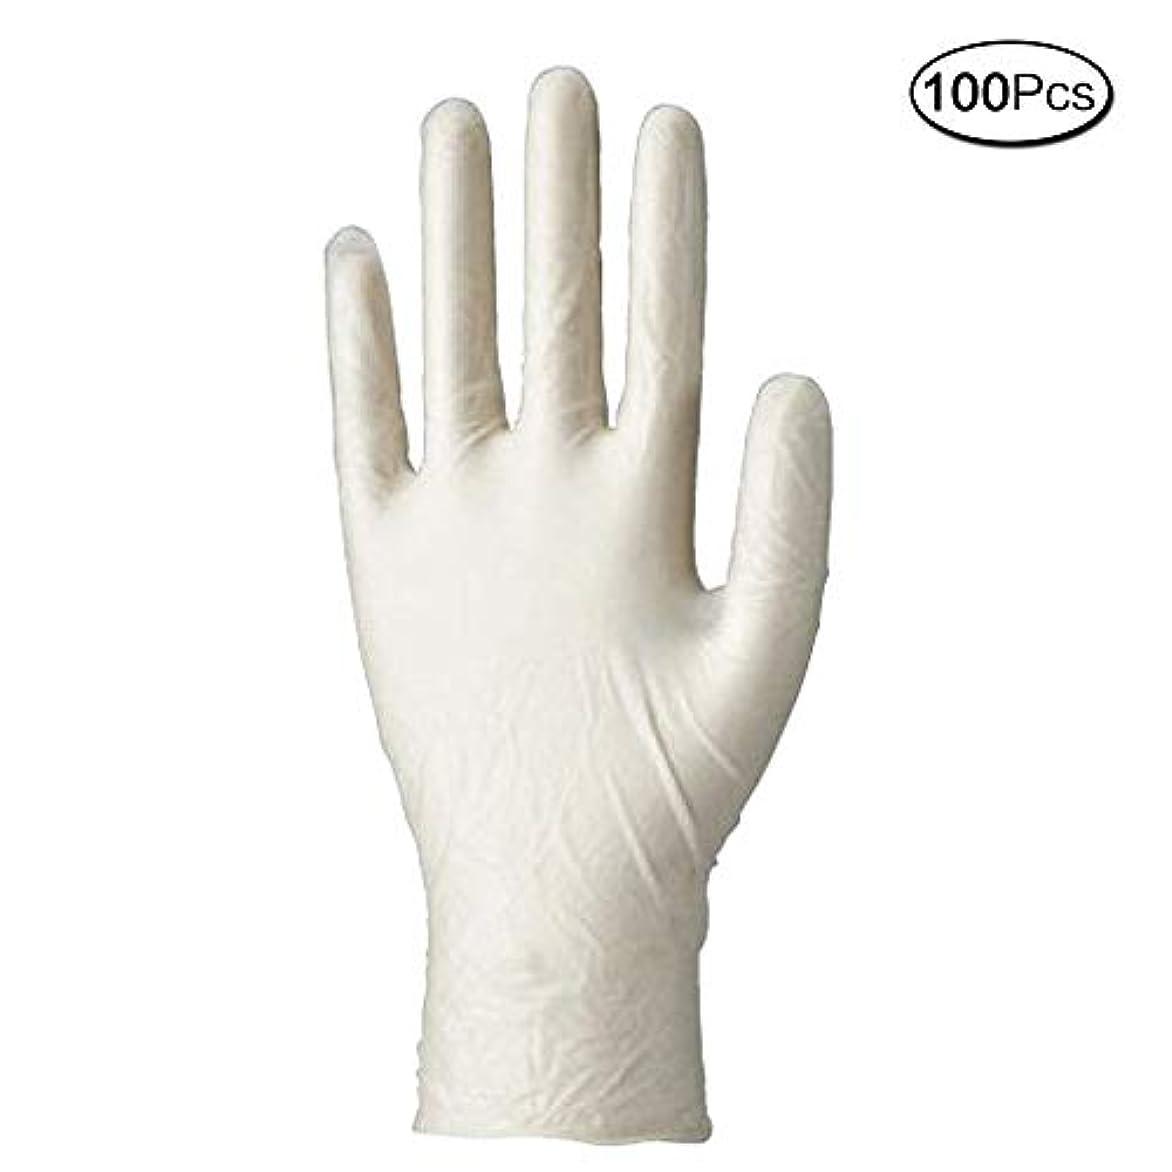 匿名確保するまどろみのある使い捨て手袋 マイスコPVCグローブ 粉なし (サイズ:M)100枚入り 病院採用商品